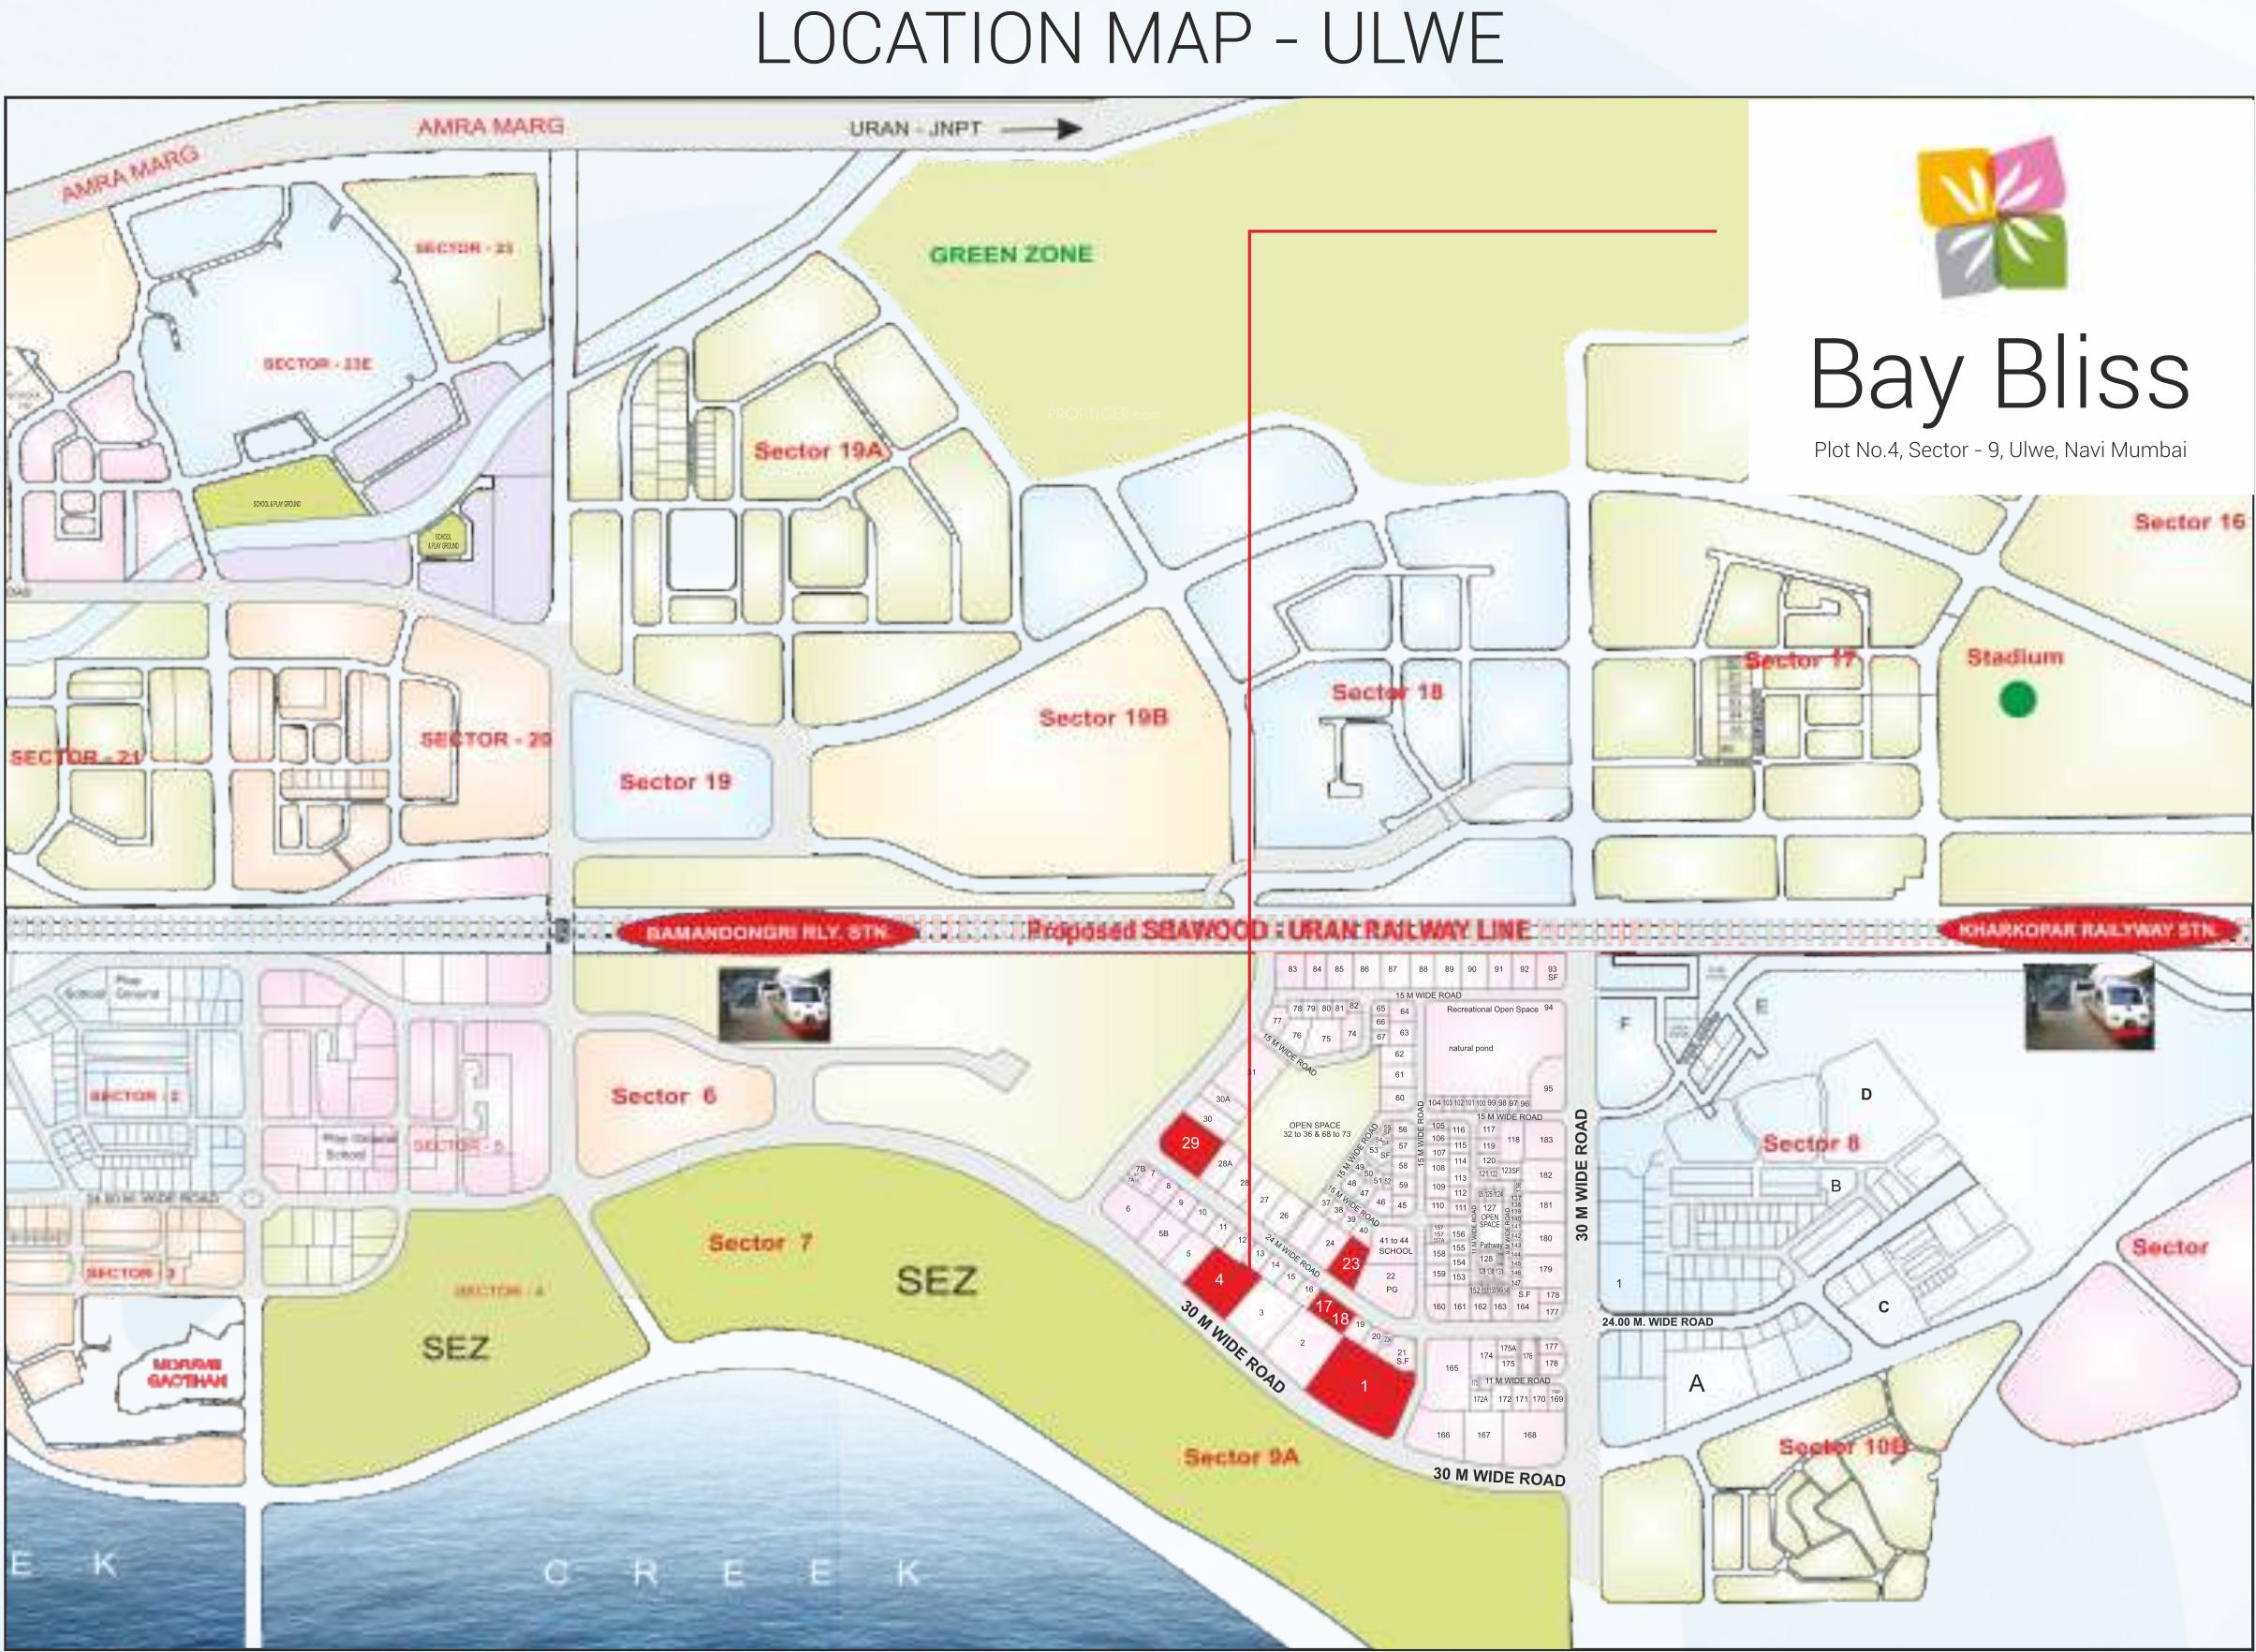 Bhagwati Bay Bliss In Ulwe Mumbai Price Location Map